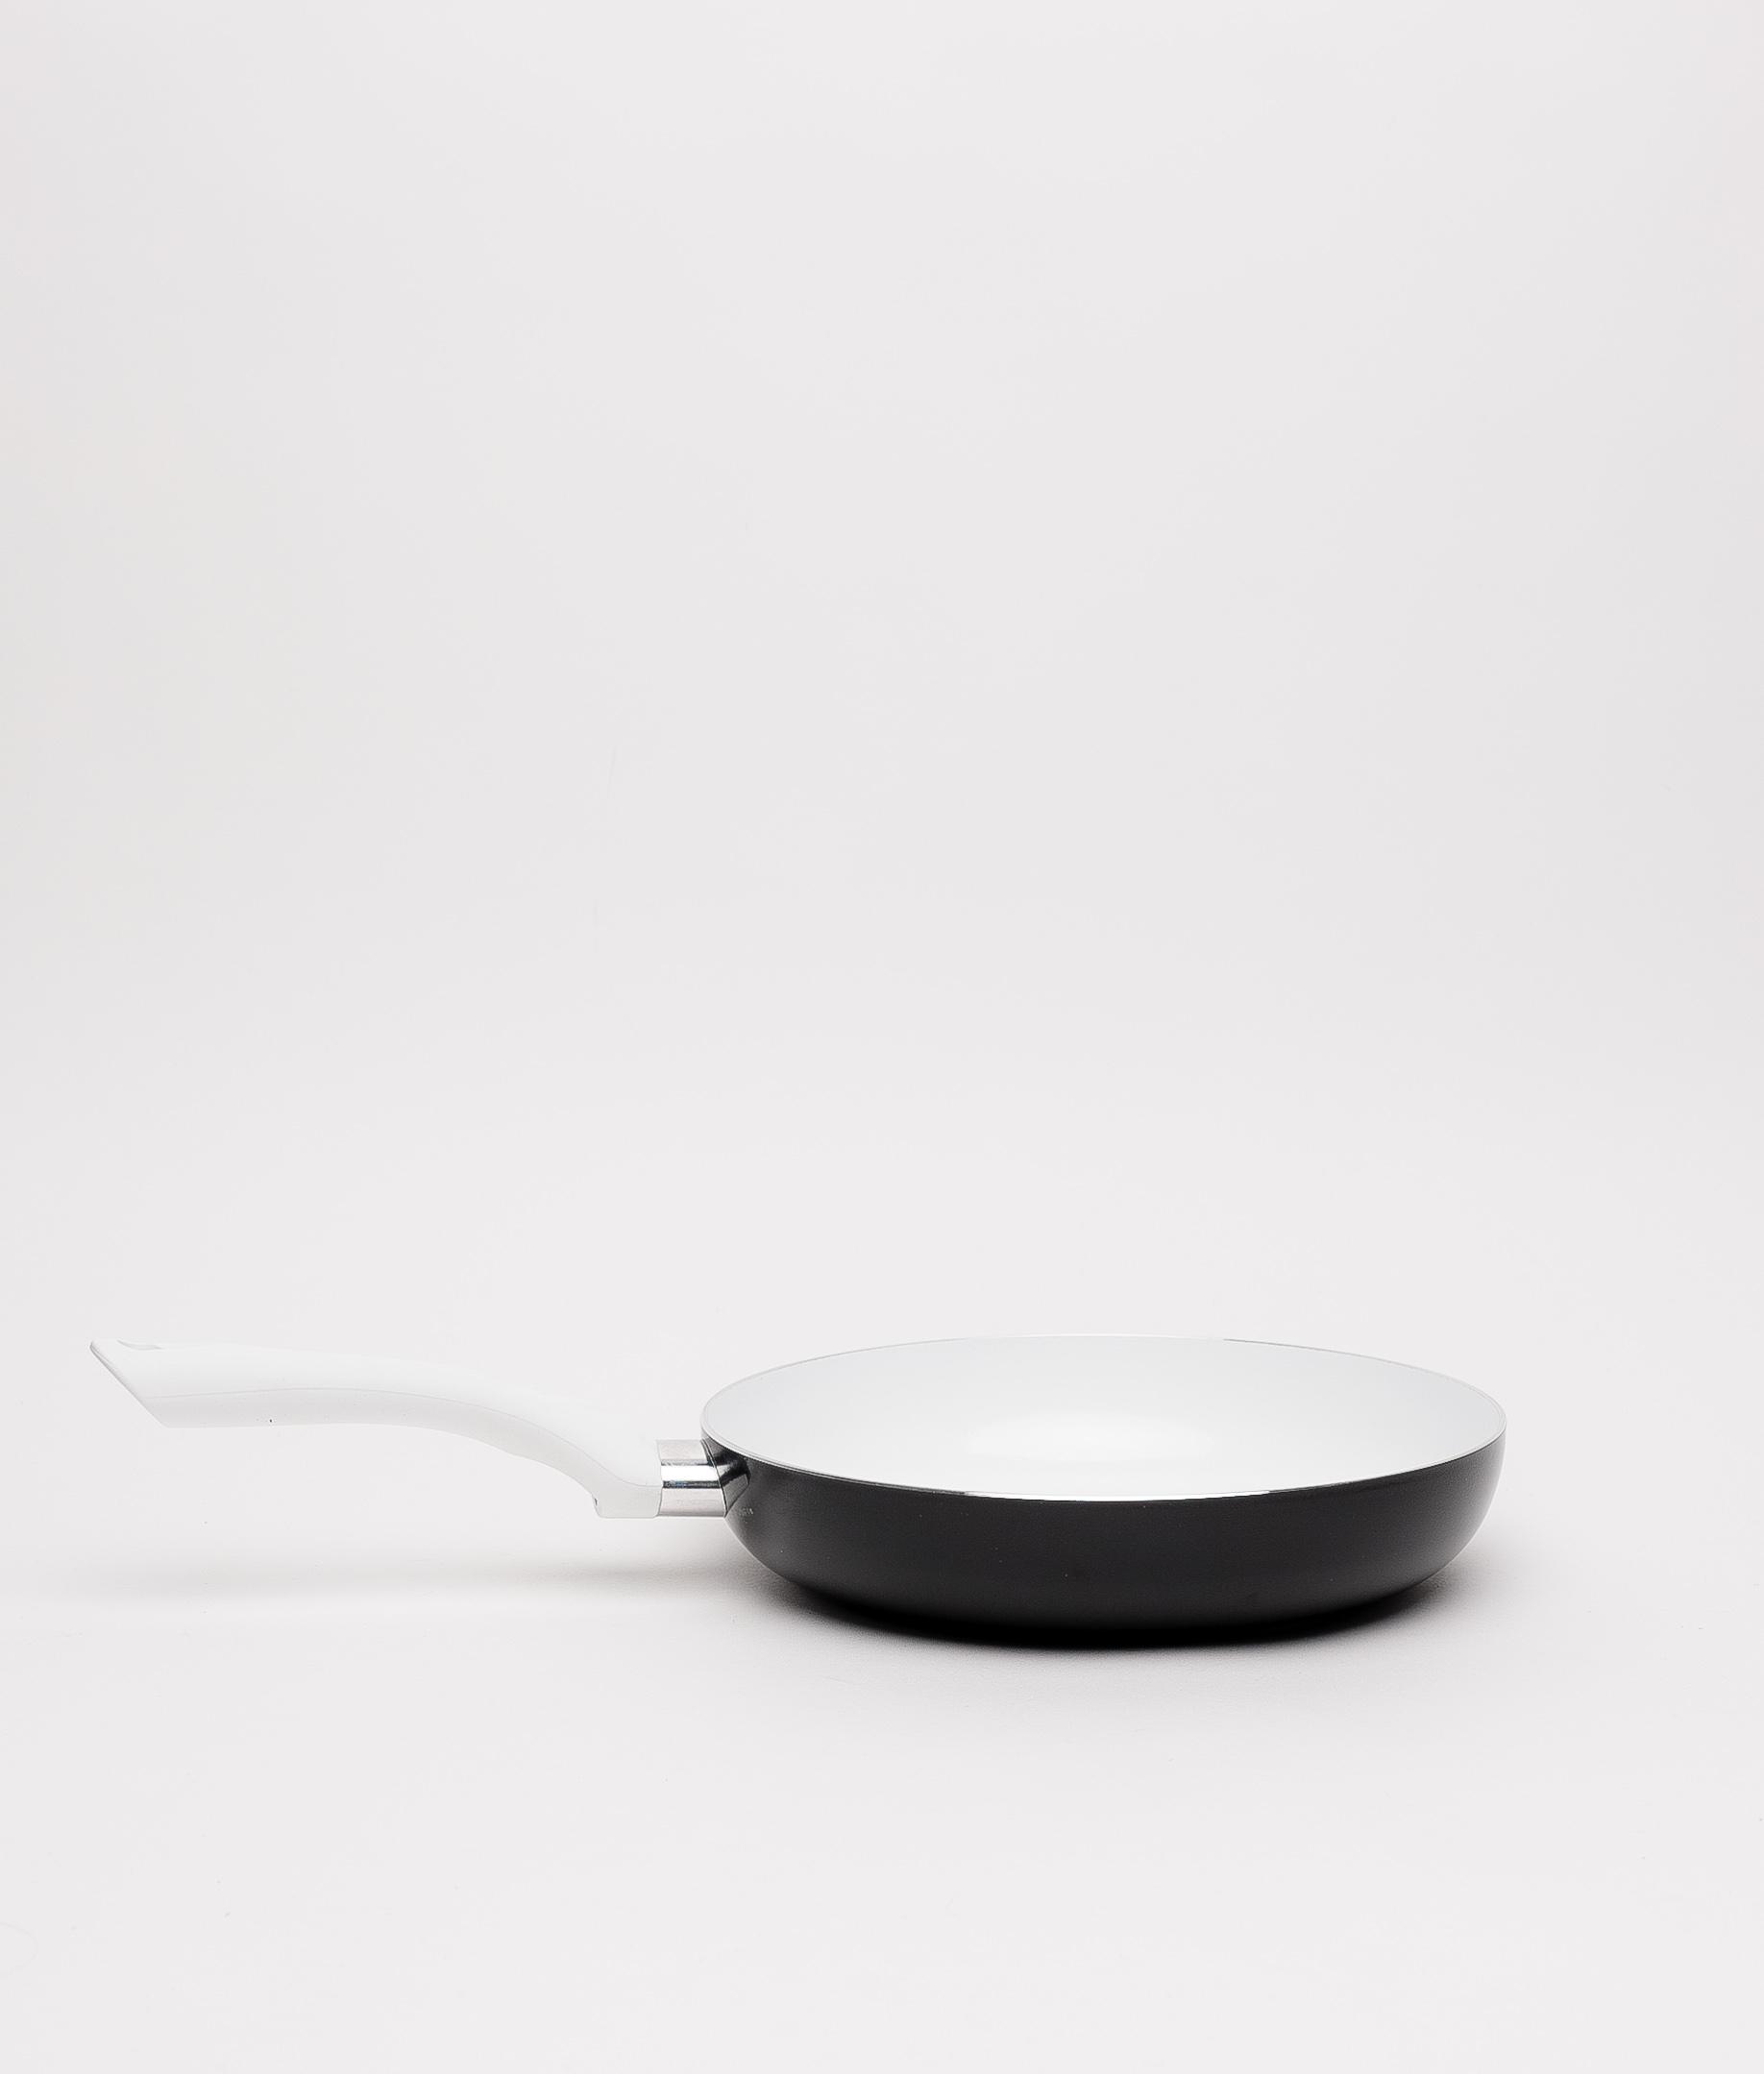 SARTÉN DAISY - WHITE/BLACK 24X5 CM